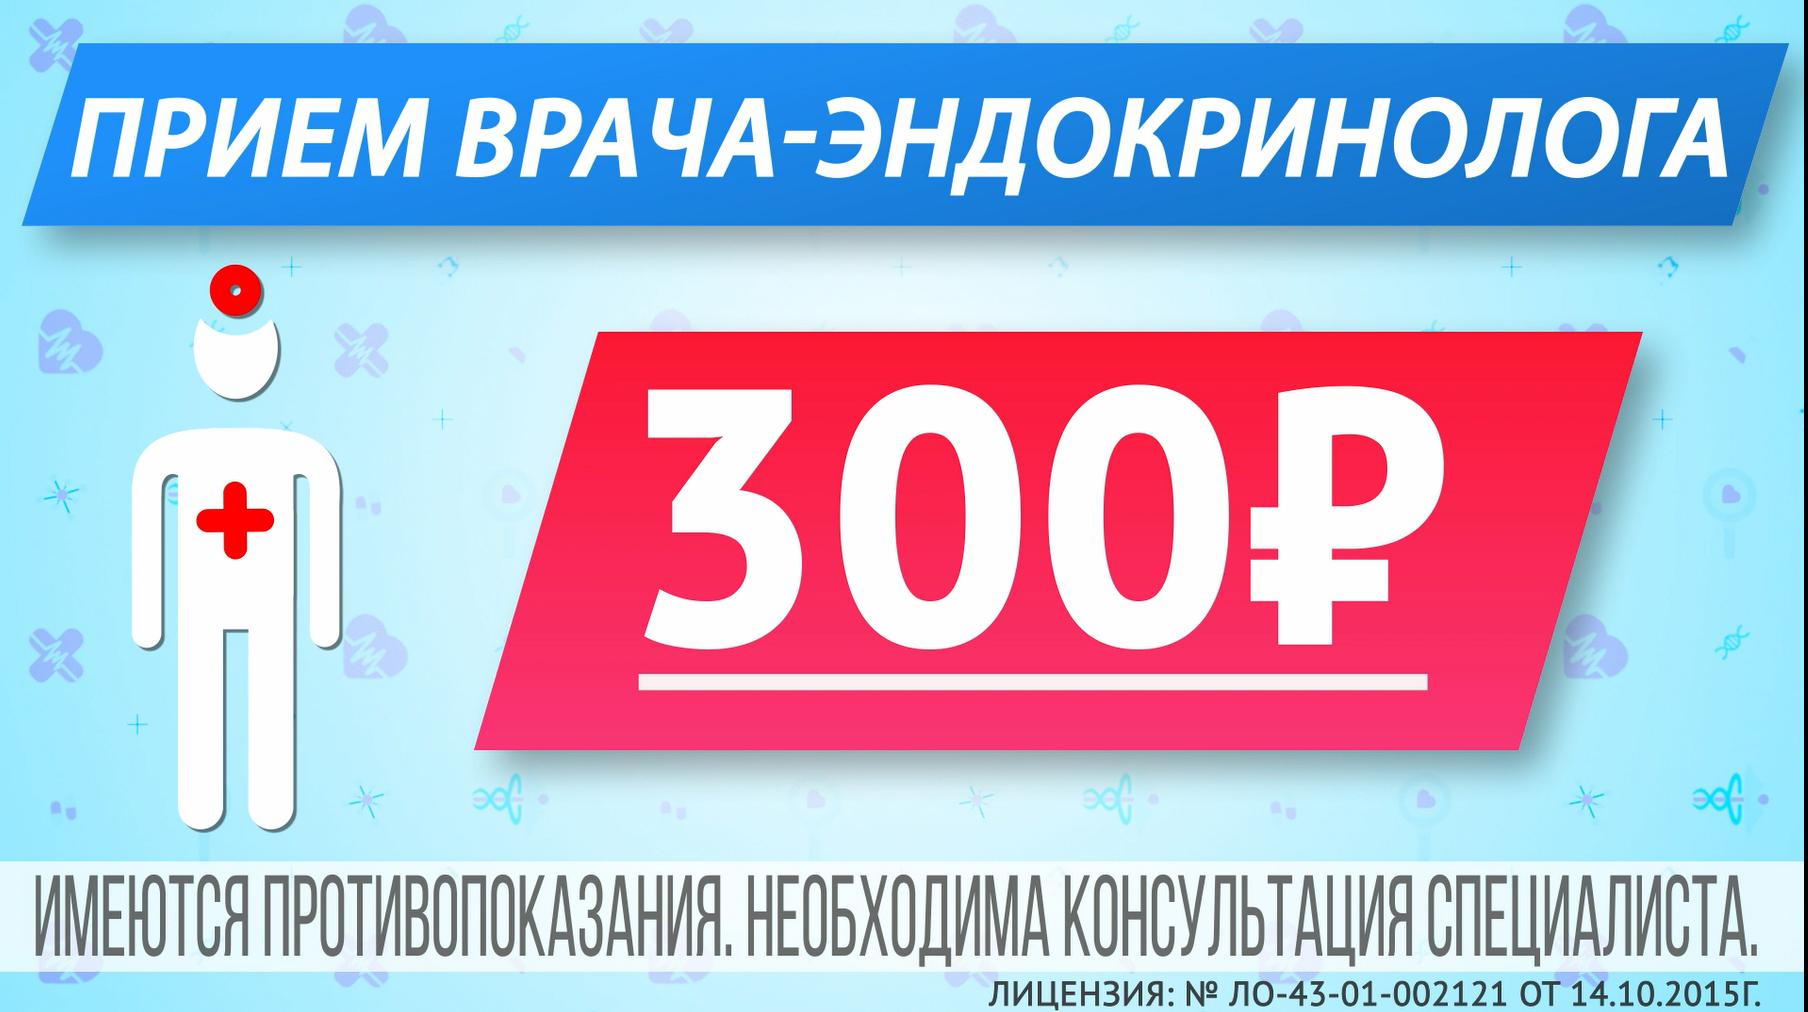 ЭНДОКРИНОЛОГ 300